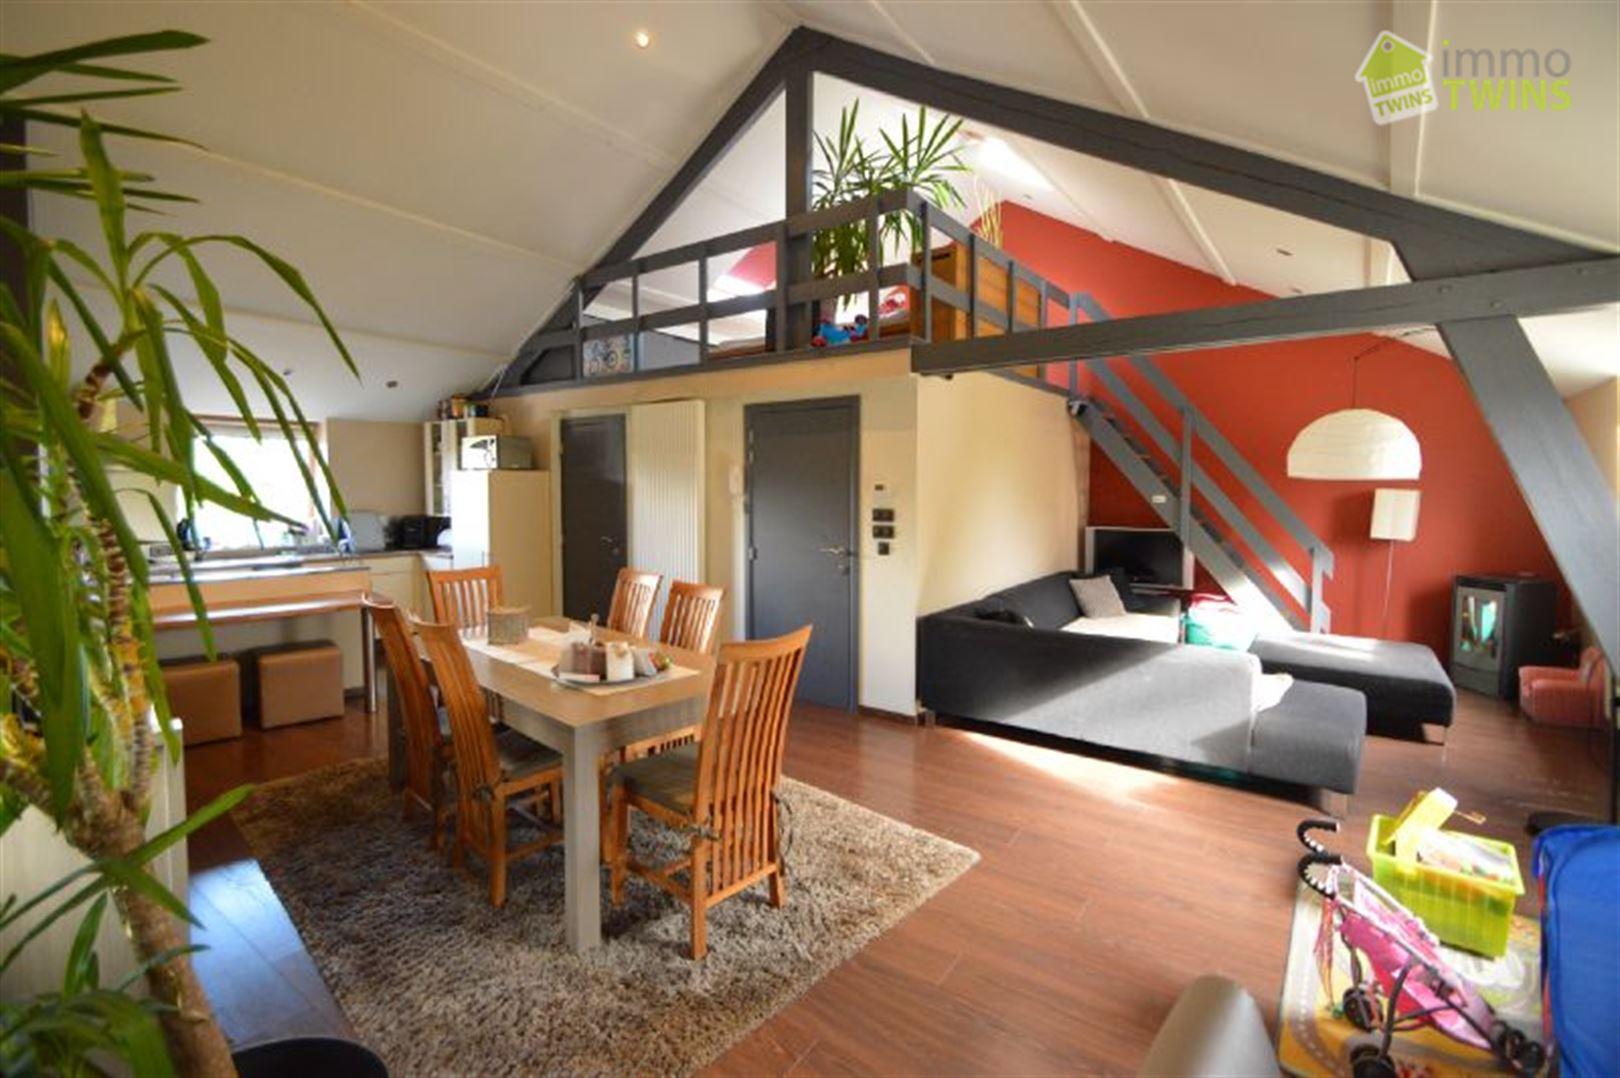 Foto 1 : Huis te 9200 Baasrode (België) - Prijs € 725